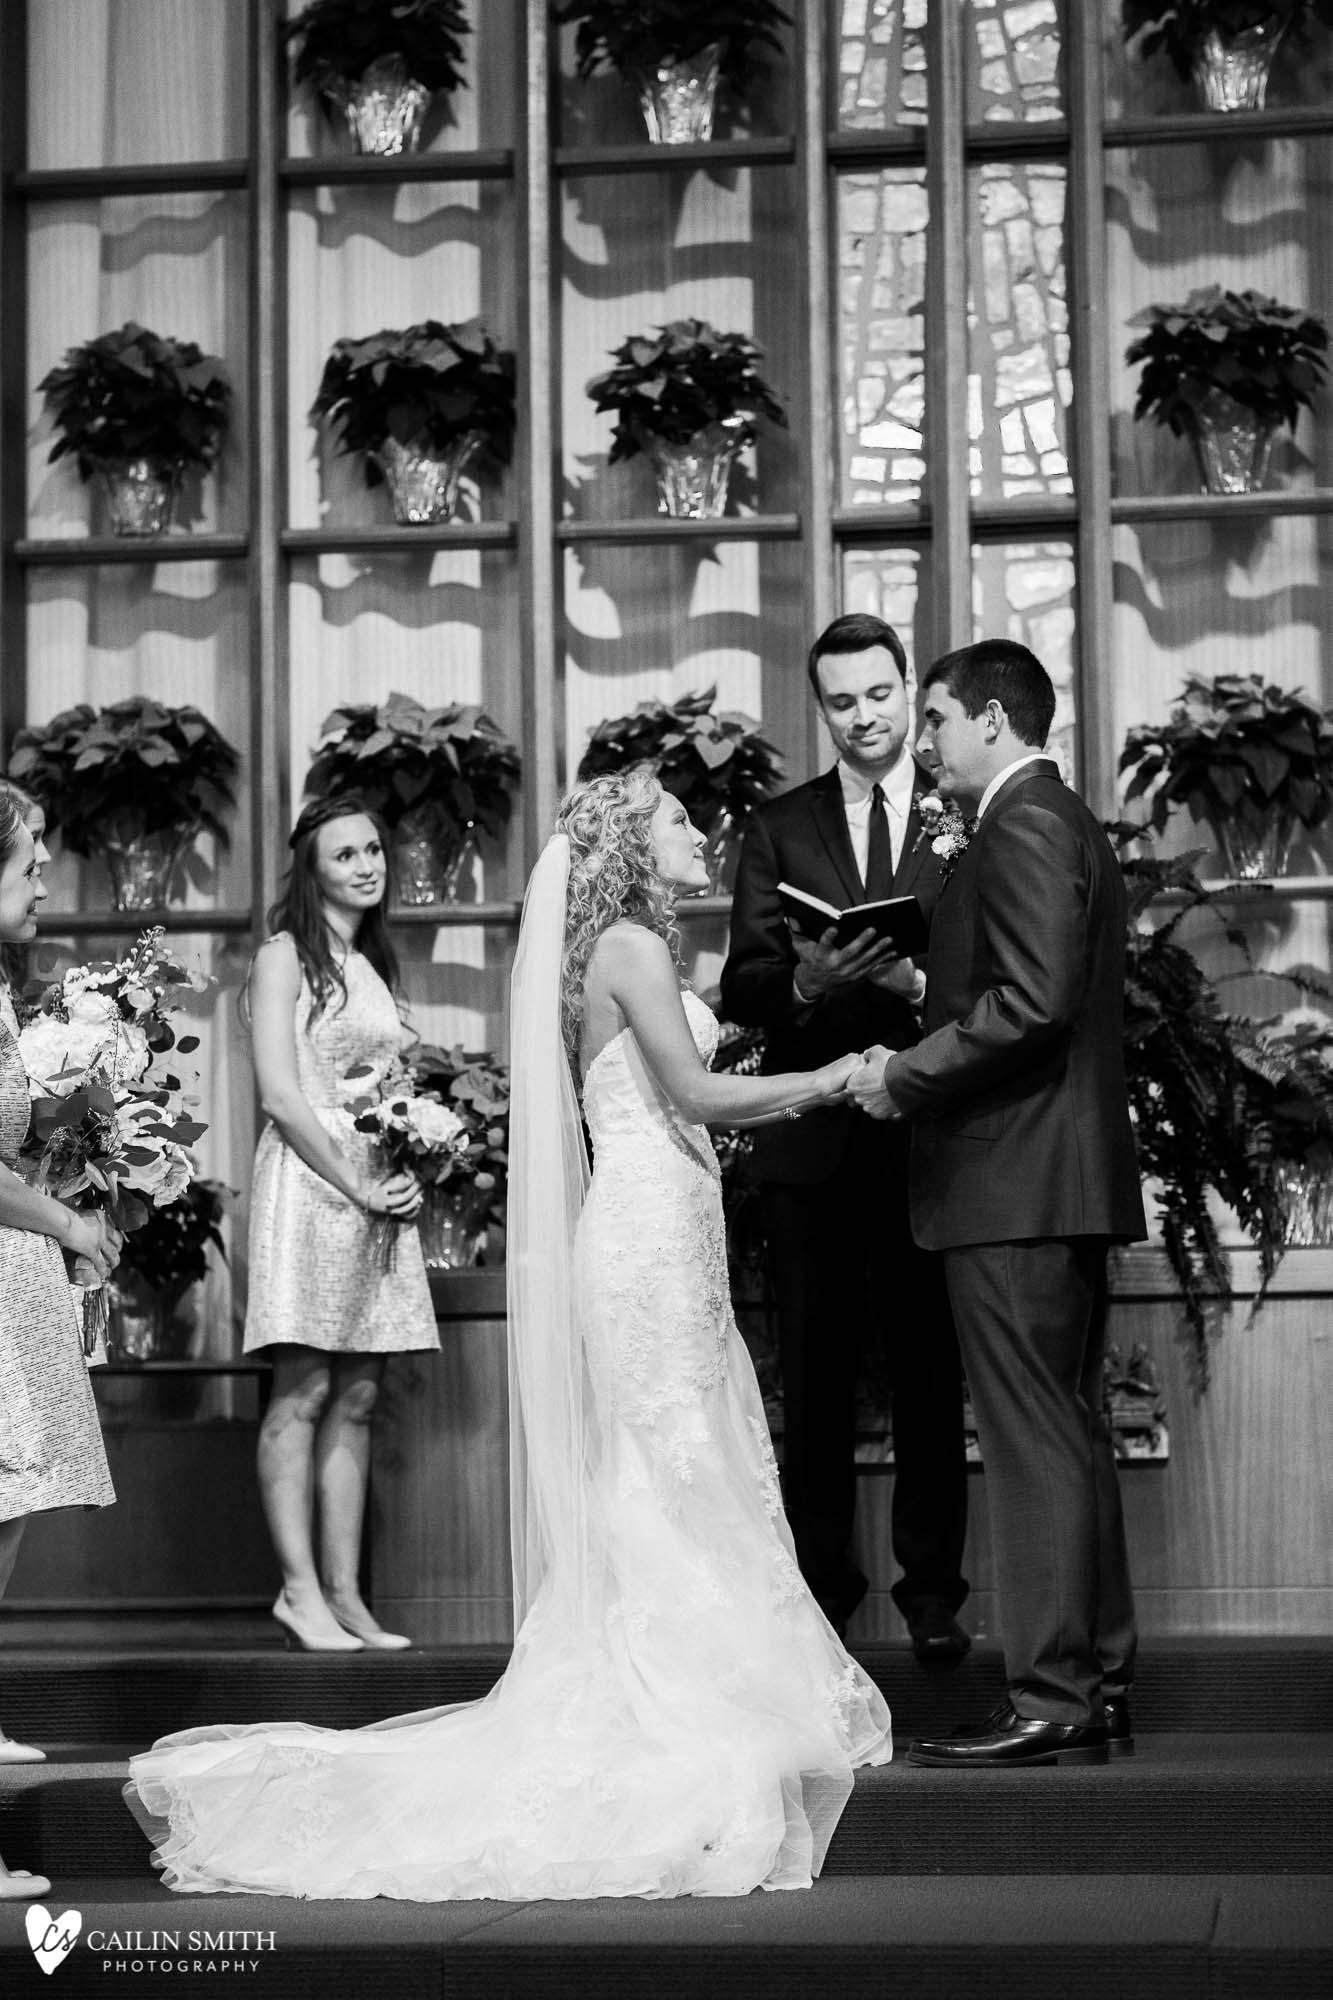 Leah_Major_St_Marys_Wedding_Photography_077.jpg